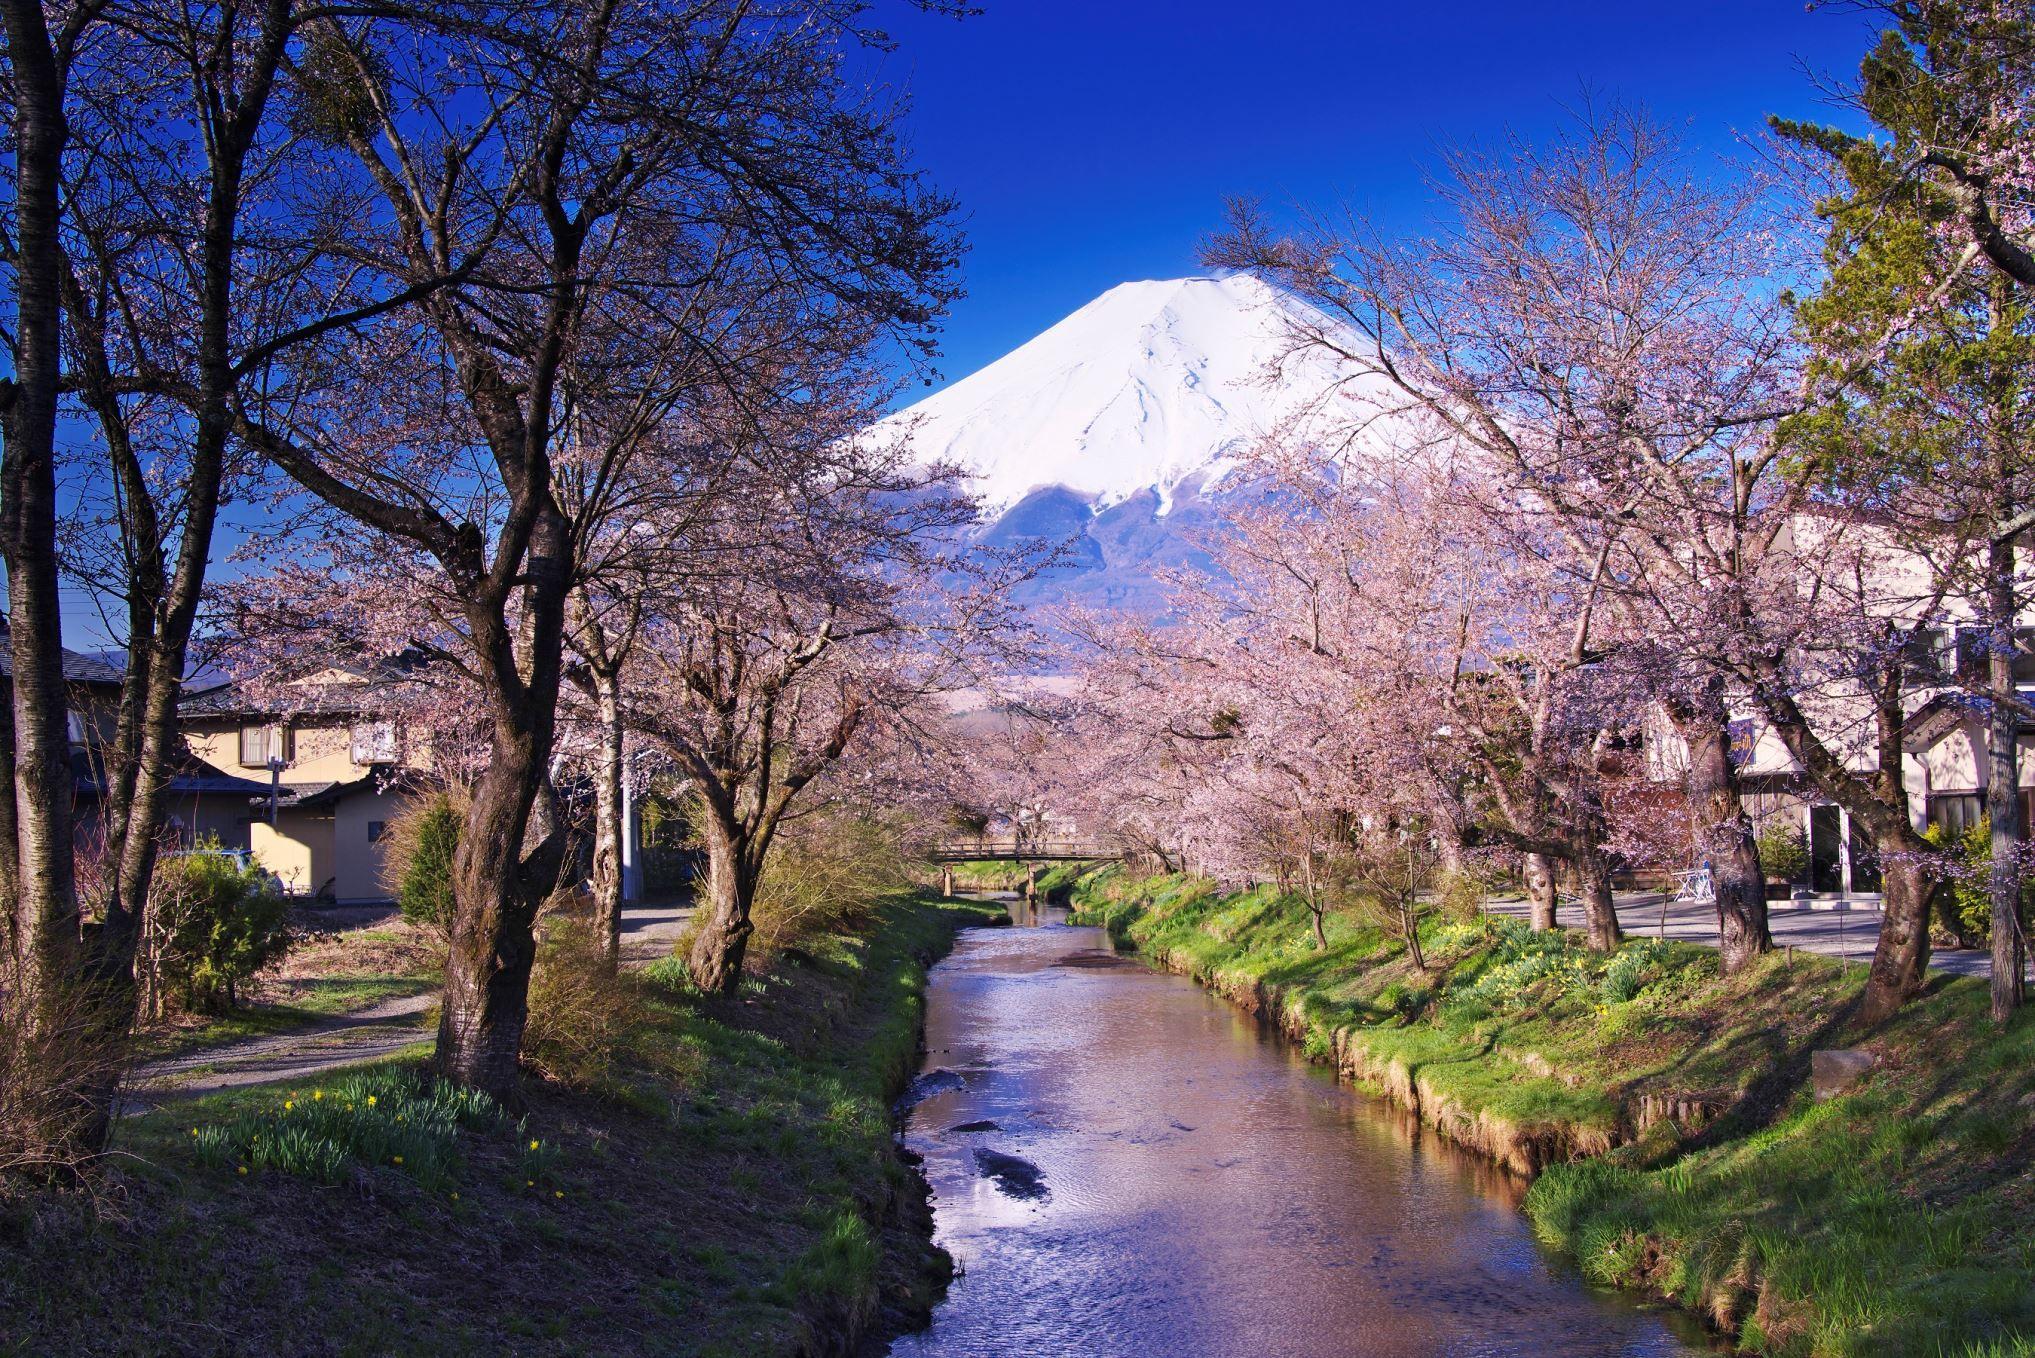 Αποτέλεσμα εικόνας για Εθνικό πάρκο Fuji-Hakone-Izu- στην Ιαπωνία